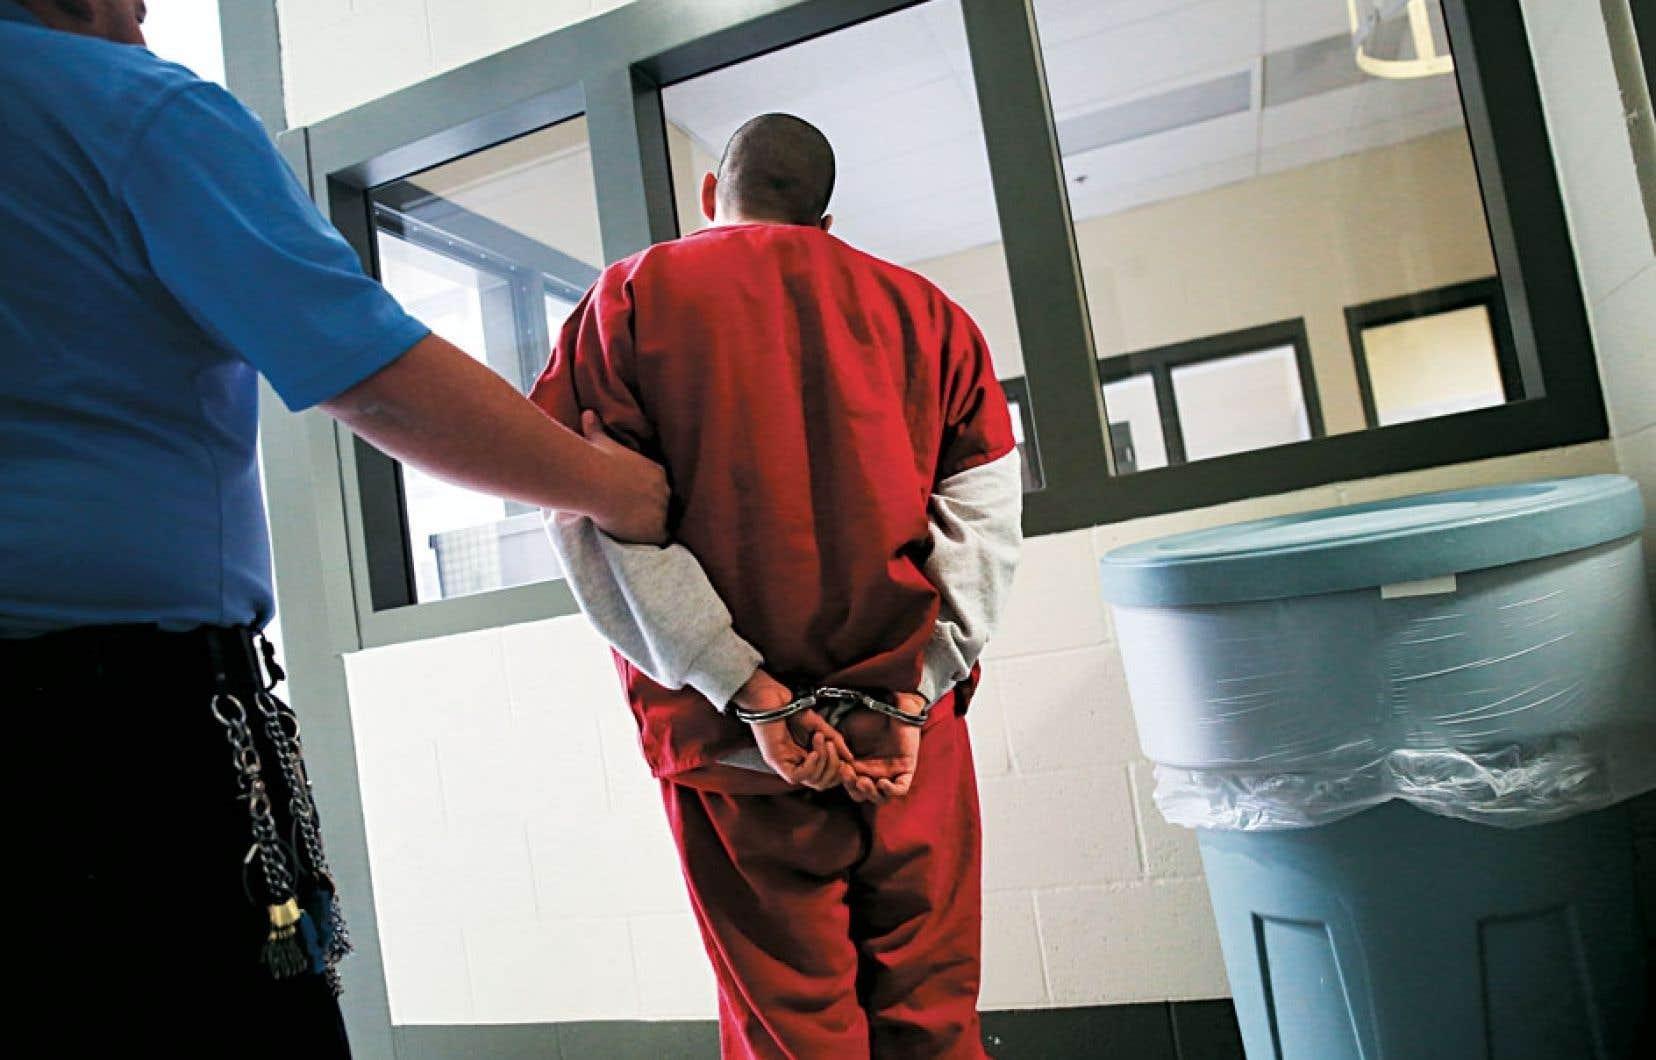 En dépit d'une forte augmentation de la population carcérale visible dans les pénitenciers canadiens, l'enquêteur correctionnel canadien met en garde contre la tentation d'y lire une américanisation des prisons canadiennes. Ci-dessus, un gardien escorte un immigrant dans une prison californienne.